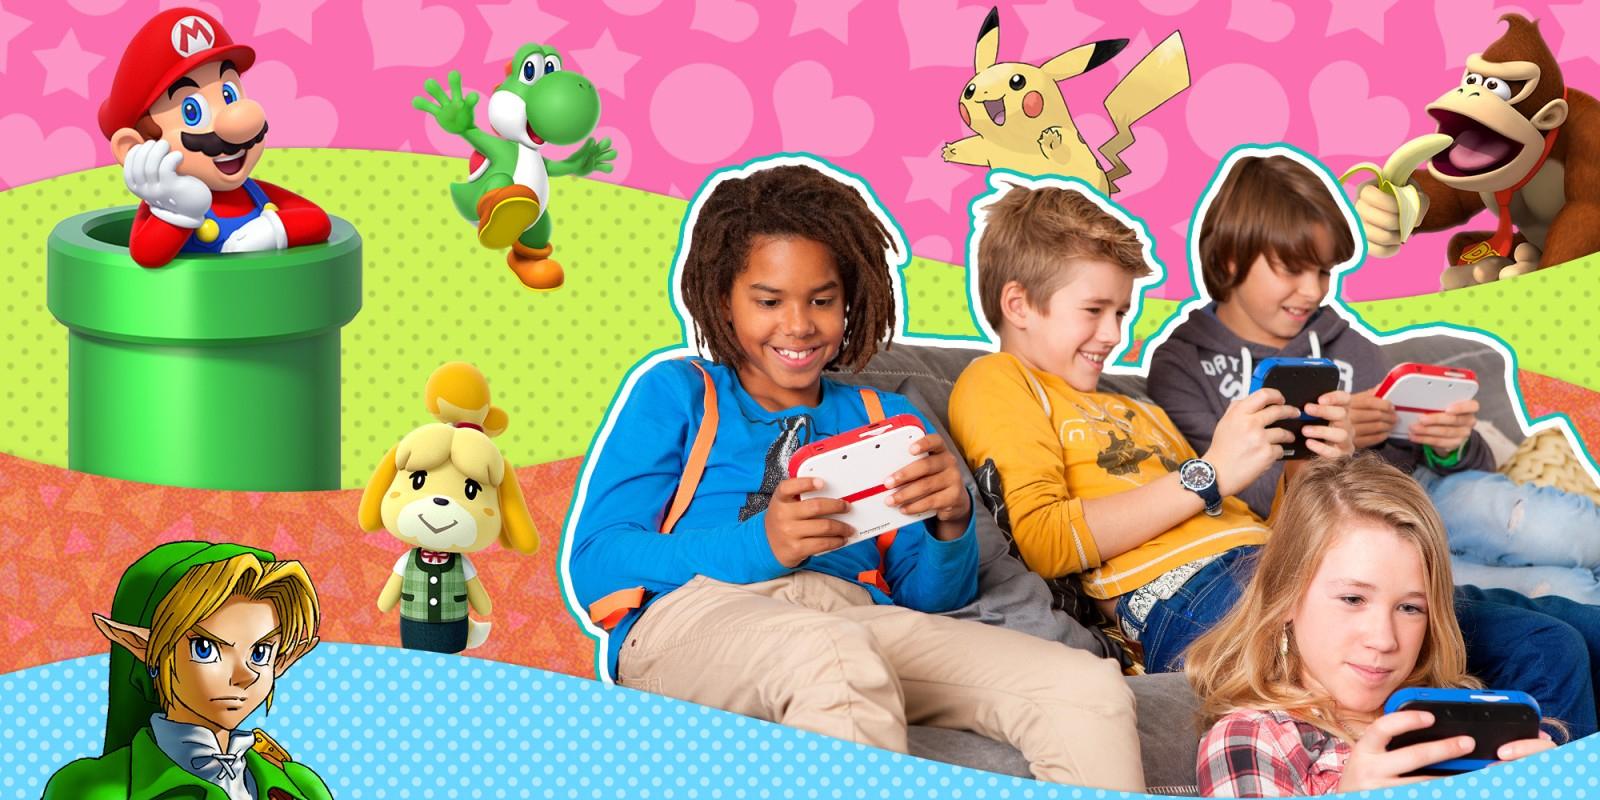 Jeux Nintendo Pour Les Enfants | Nintendo destiné Jeux Gratuit Pour Garçon 5 Ans